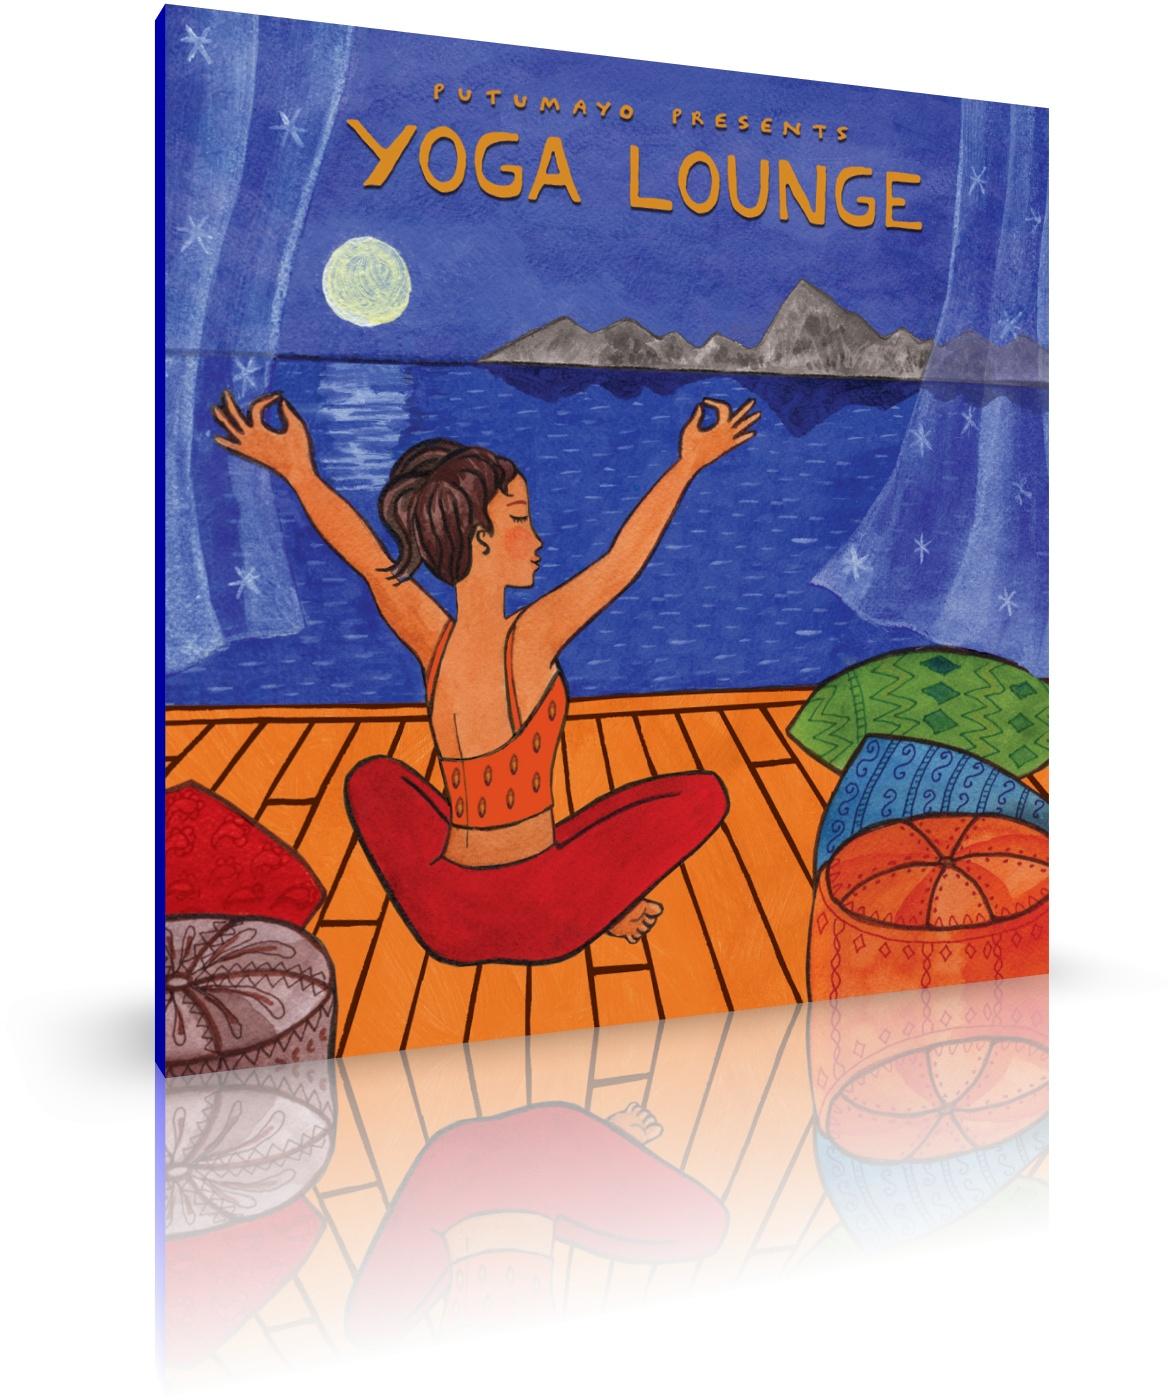 Yoga-Lounge von Putumayo (CD)